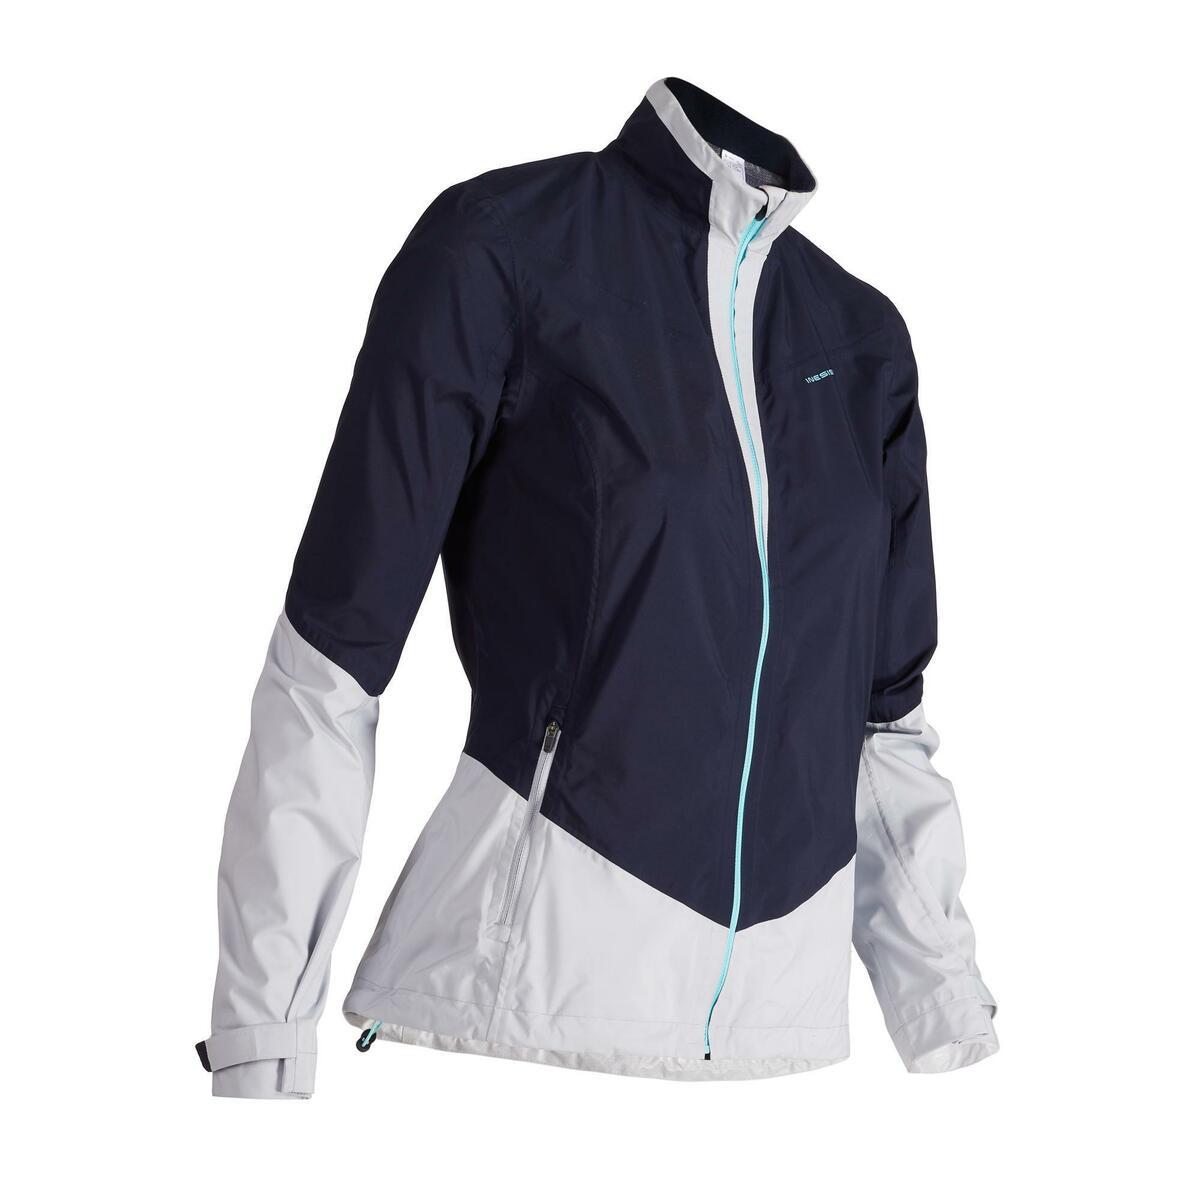 Bild 1 von Golf Regenjacke 900 Damen marineblau/grau wasserdicht